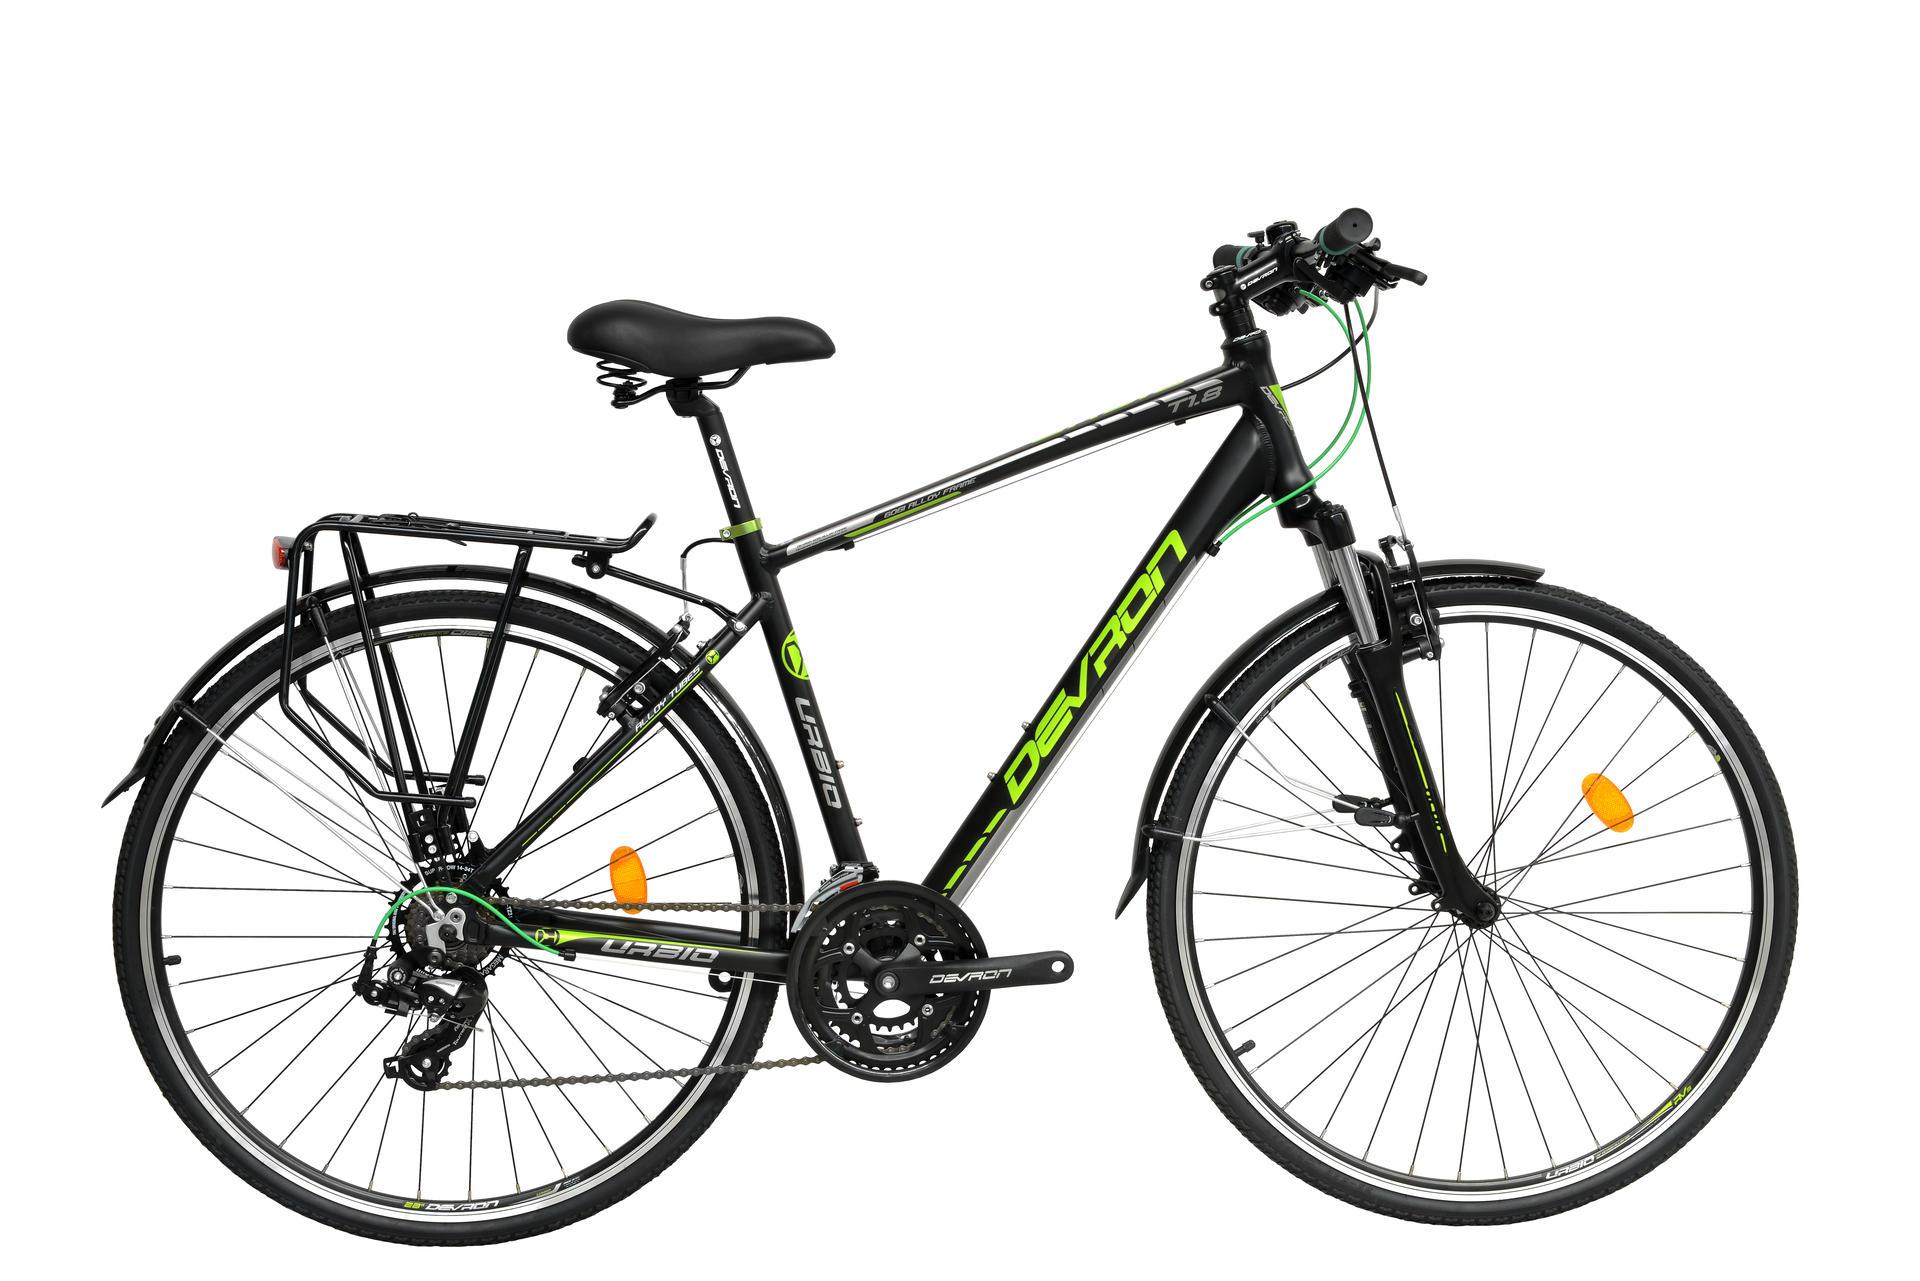 Bicicletta Uomo Da Trekking Devron Utrekt18 Fast Black 535 Mm